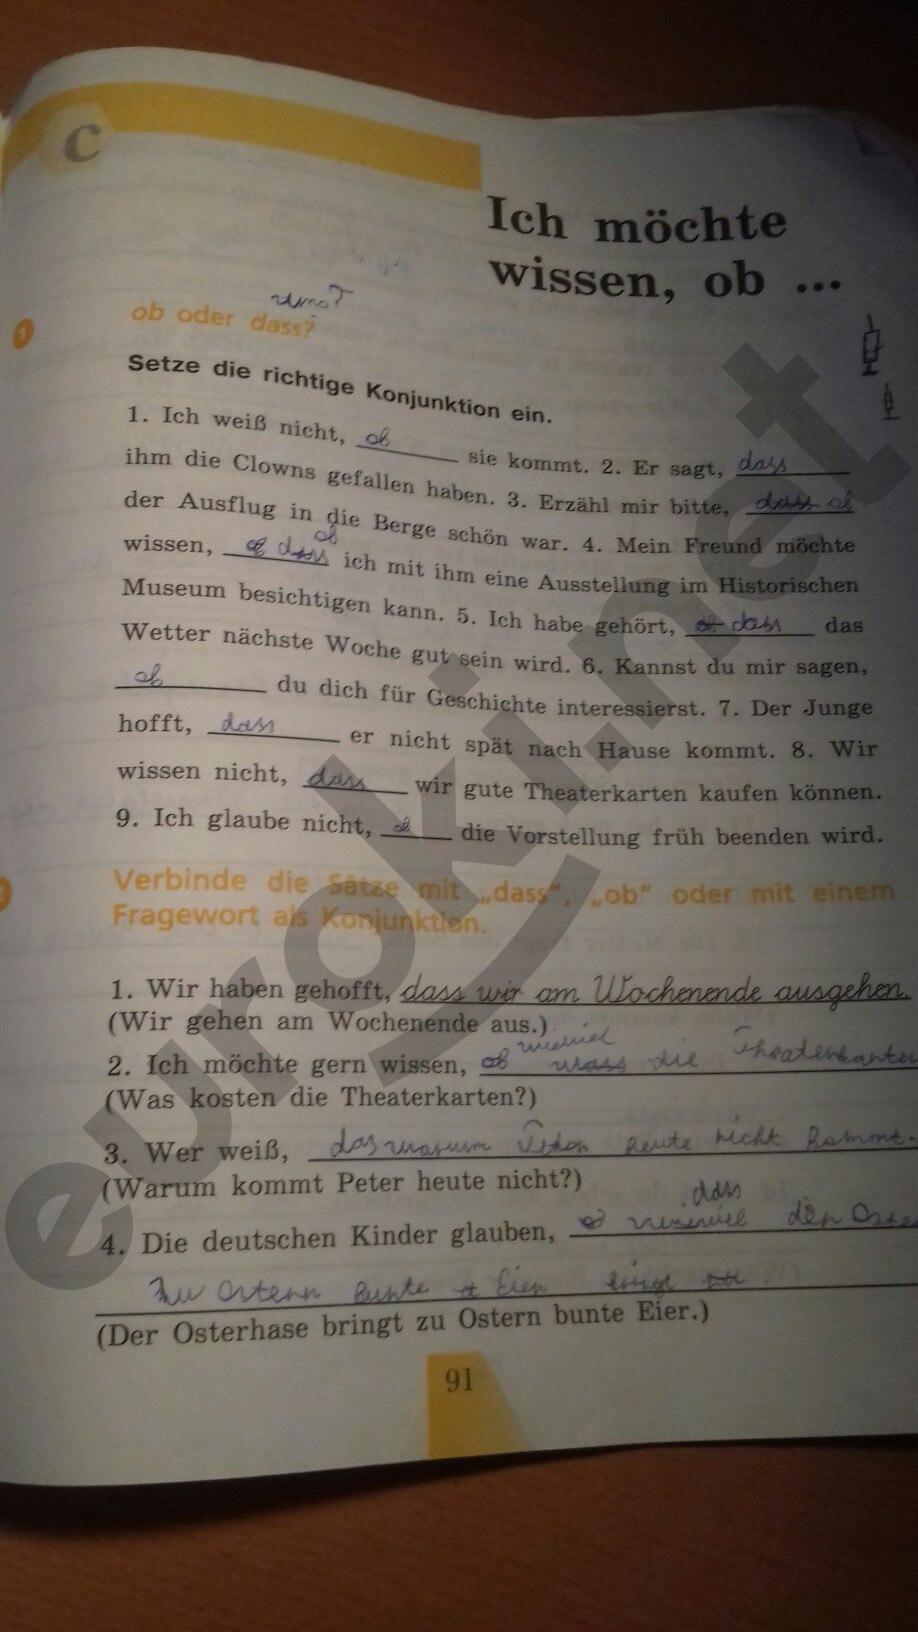 гдз 5 мозаика ответы немецкий тетрадь рабочая класс